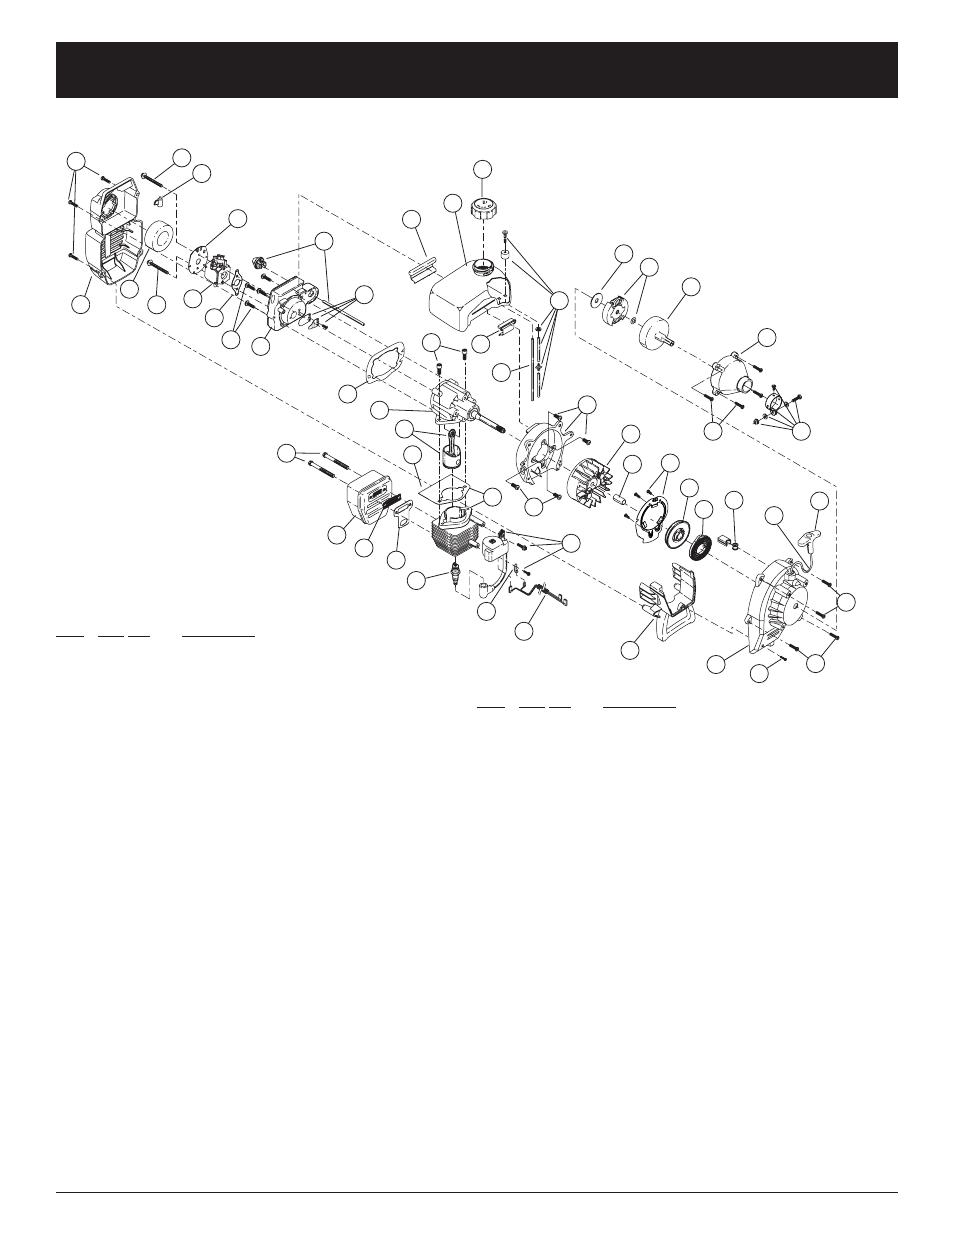 Parts list, Engine parts: model mini-tiller edger 2-cycle